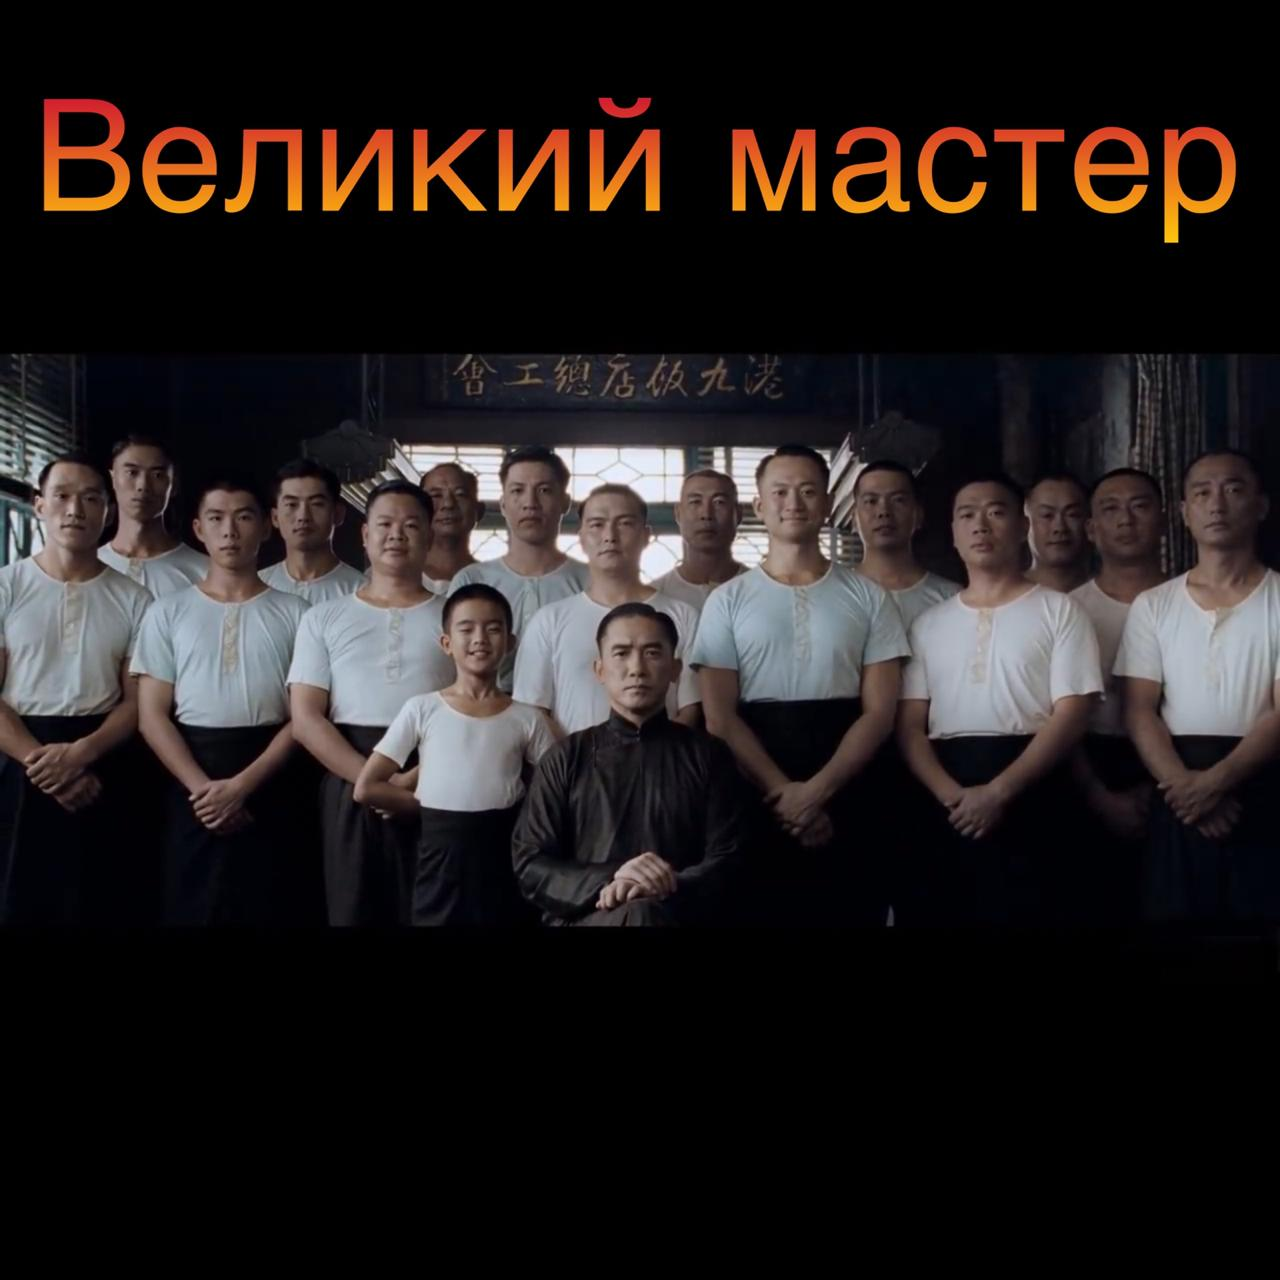 Фильм Великий мастер (2013)